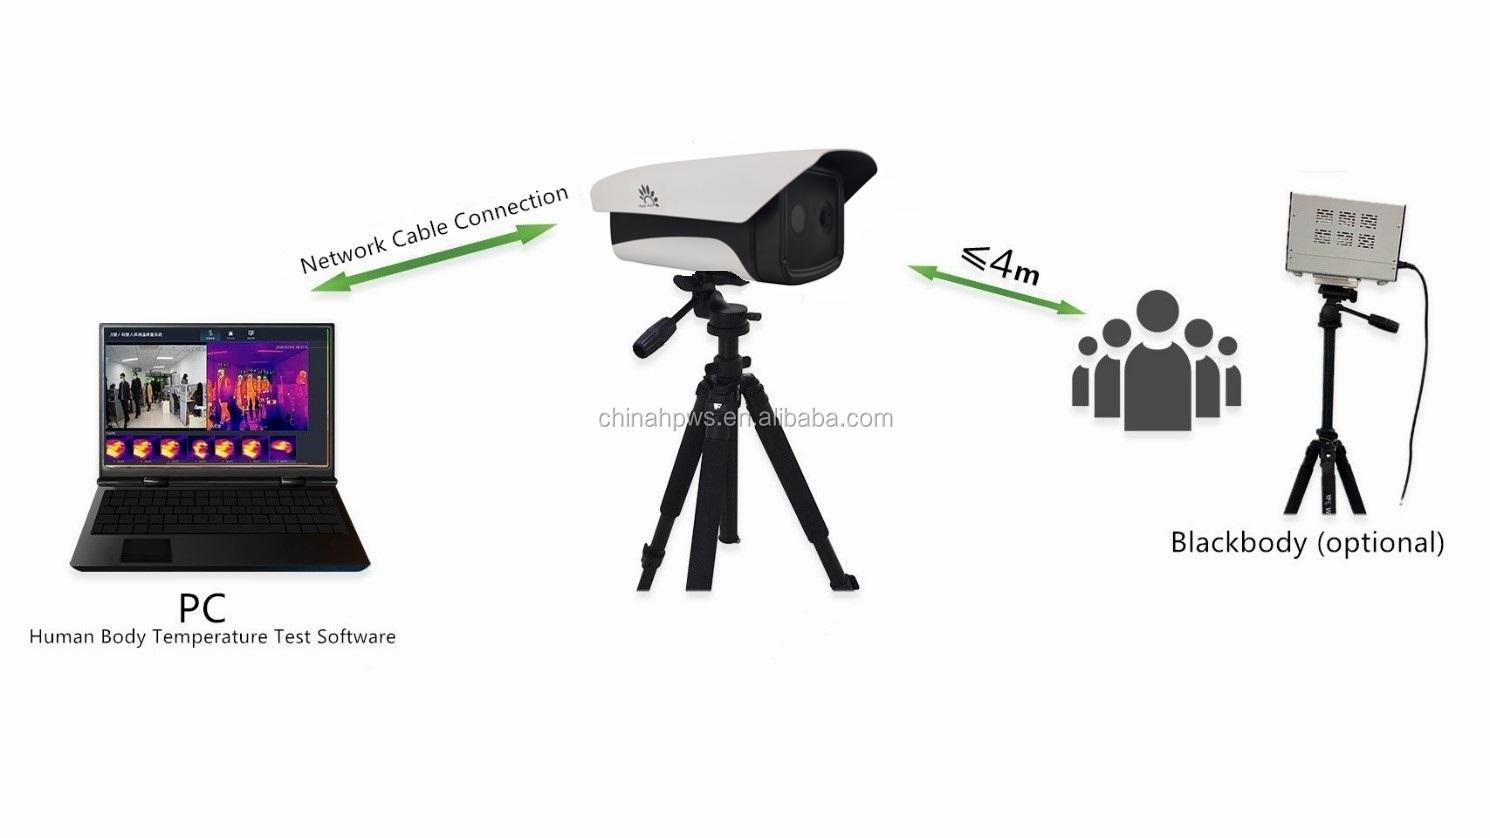 HP-KMS4300 двухканальный искать камера интеллигентая (ый) сигнализации термический фотоаппарат